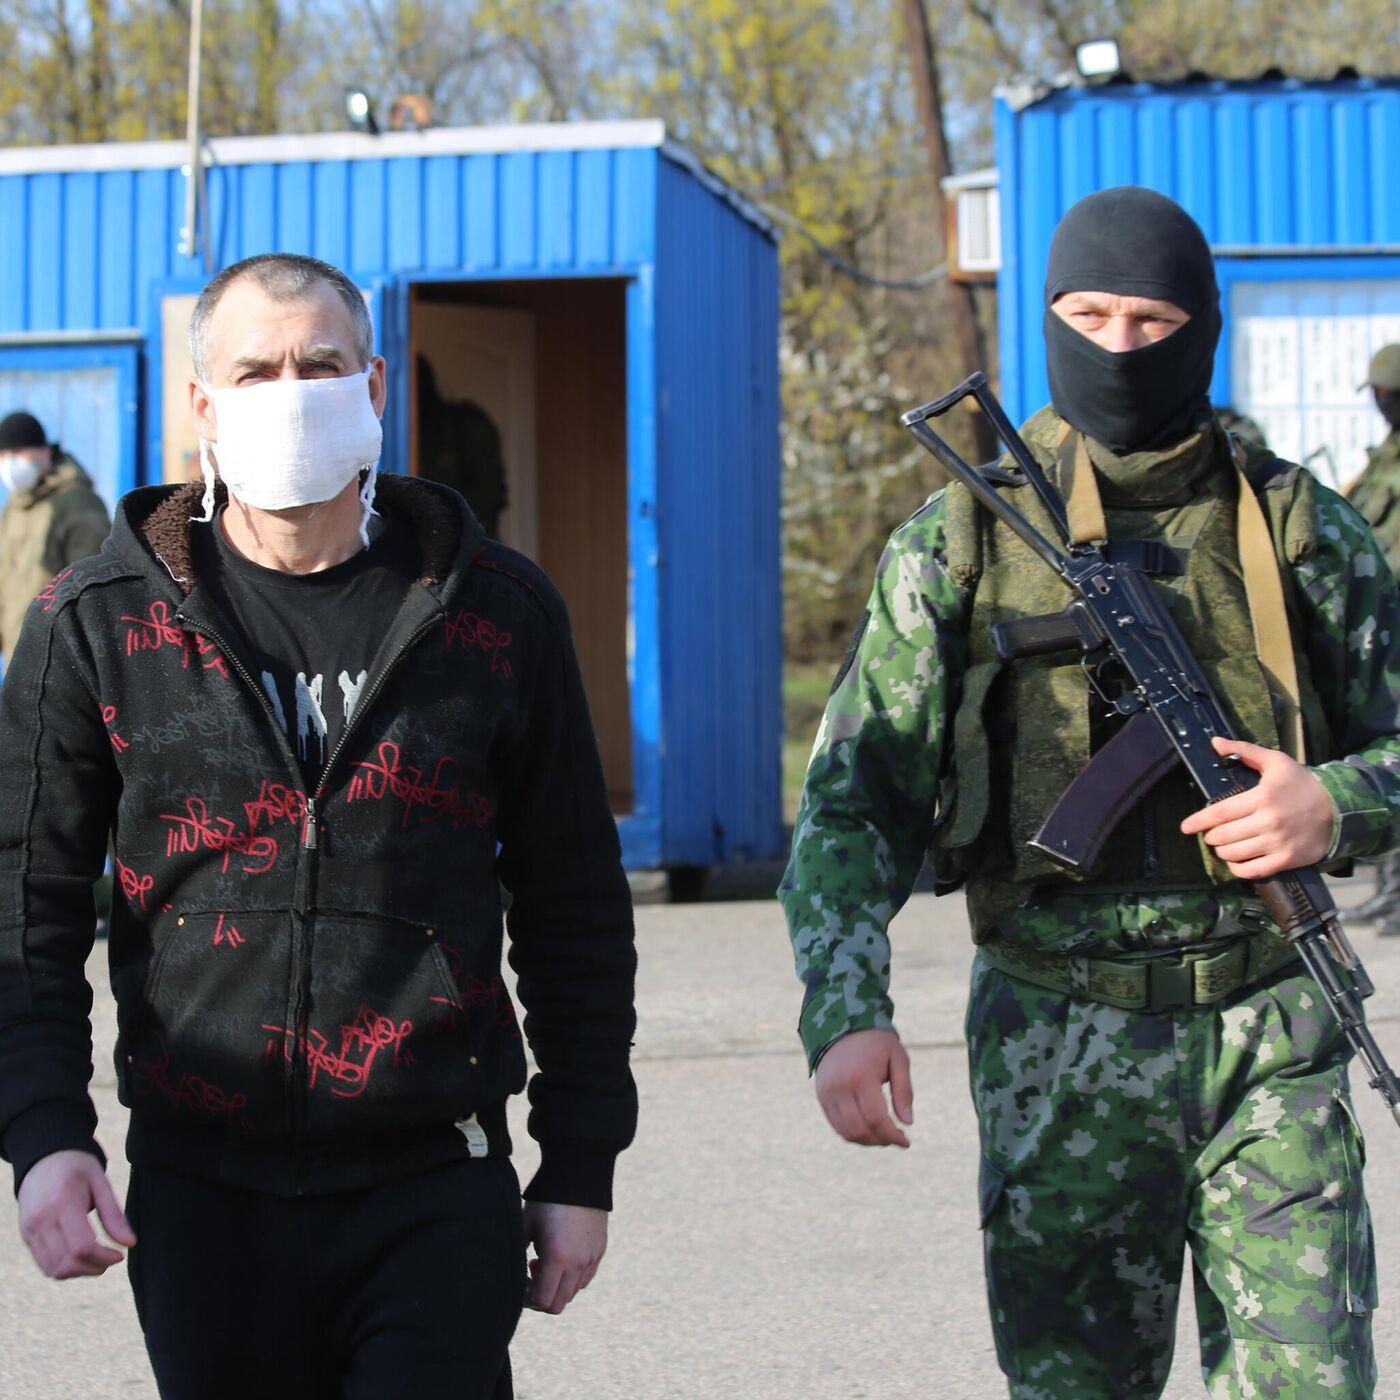 Украина отказалась от договоренностей по обмену удерживаемых лиц - РИА  Новости, 08.07.2020